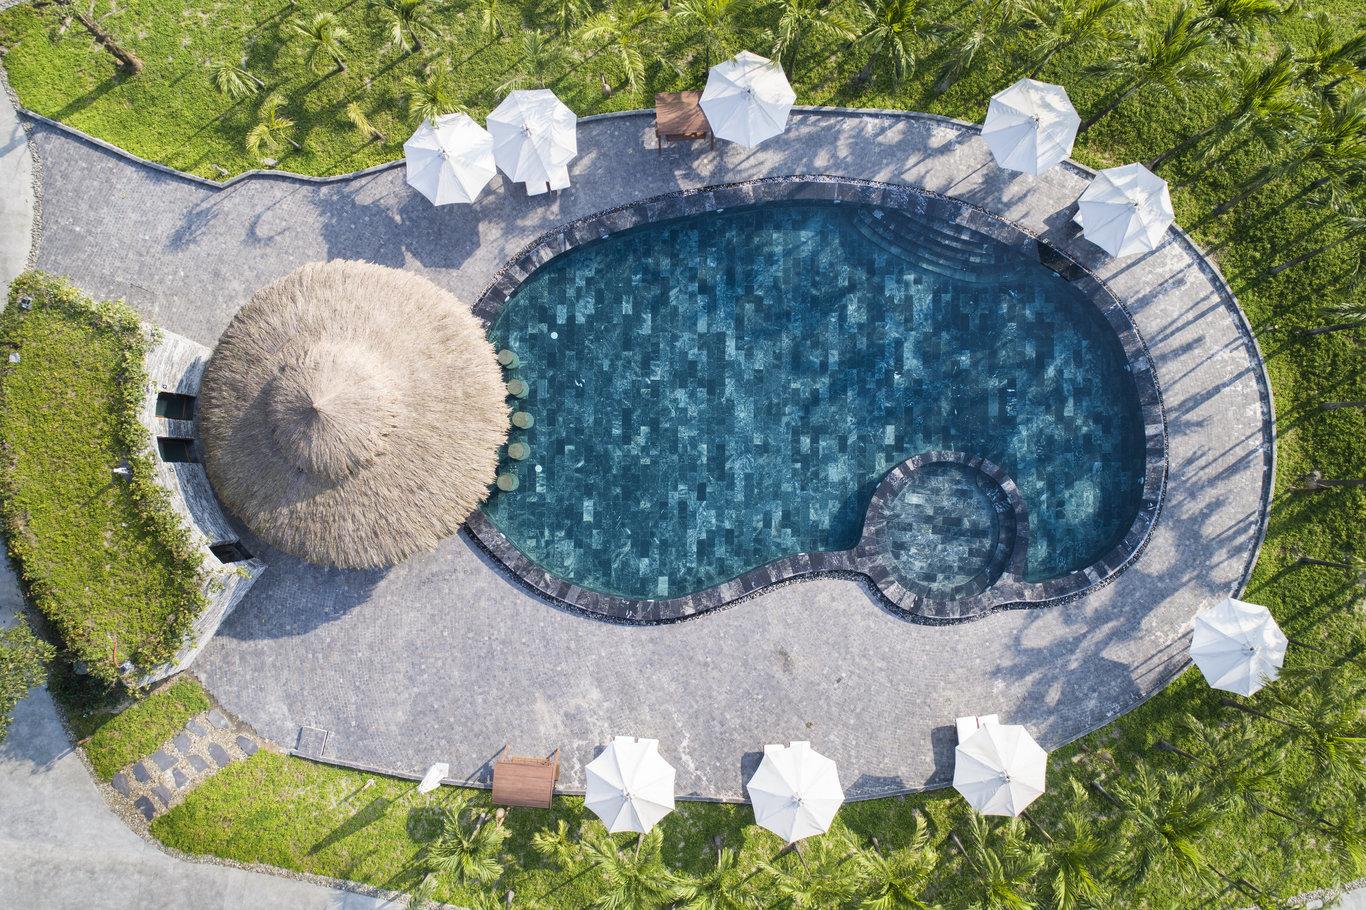 nhà hàng hồ bơi khu nghỉ dưỡng fusion